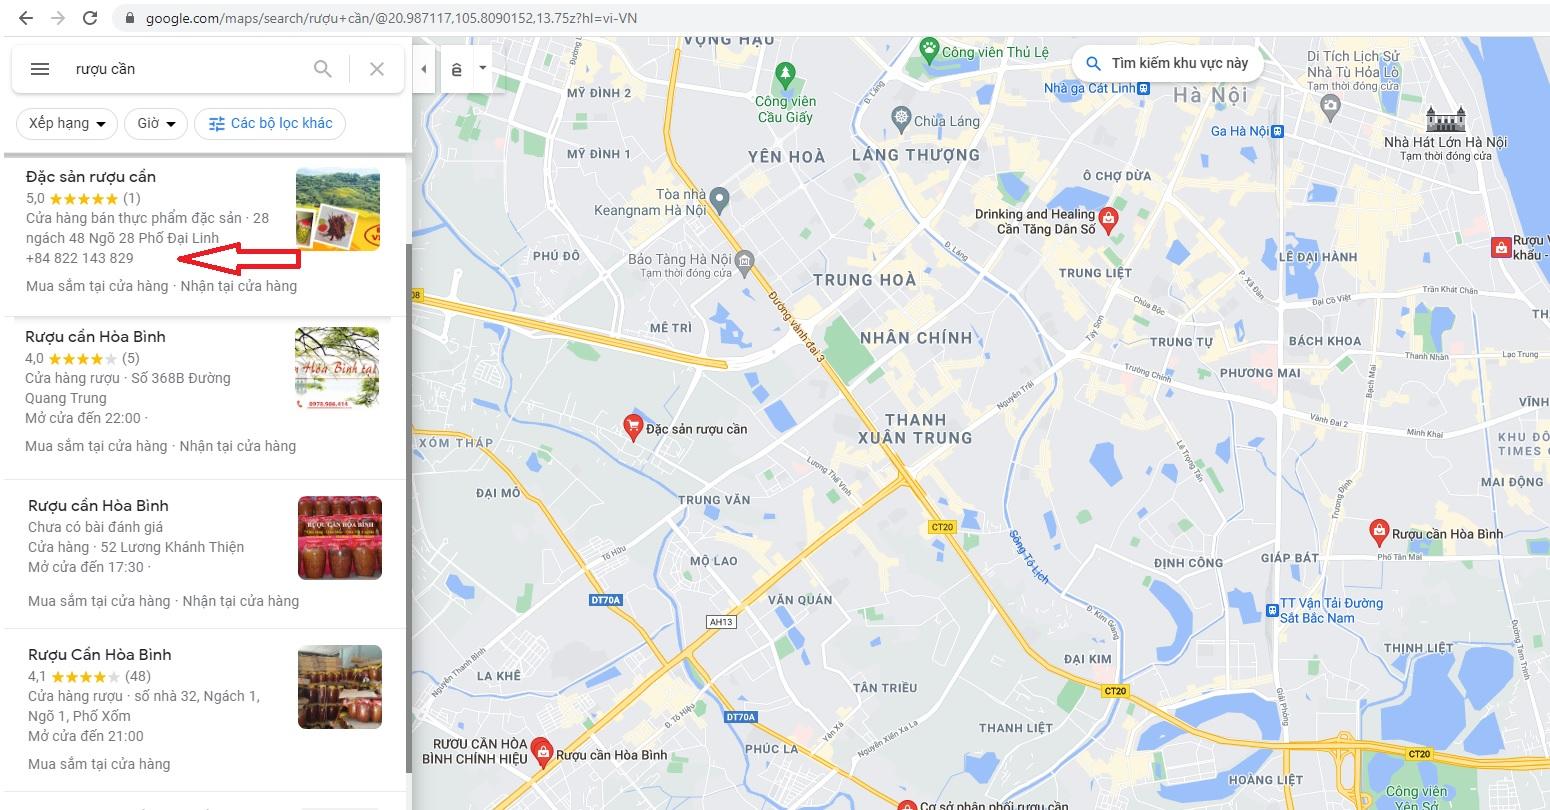 Địa chỉ mua rượu cần hà nội ở google map